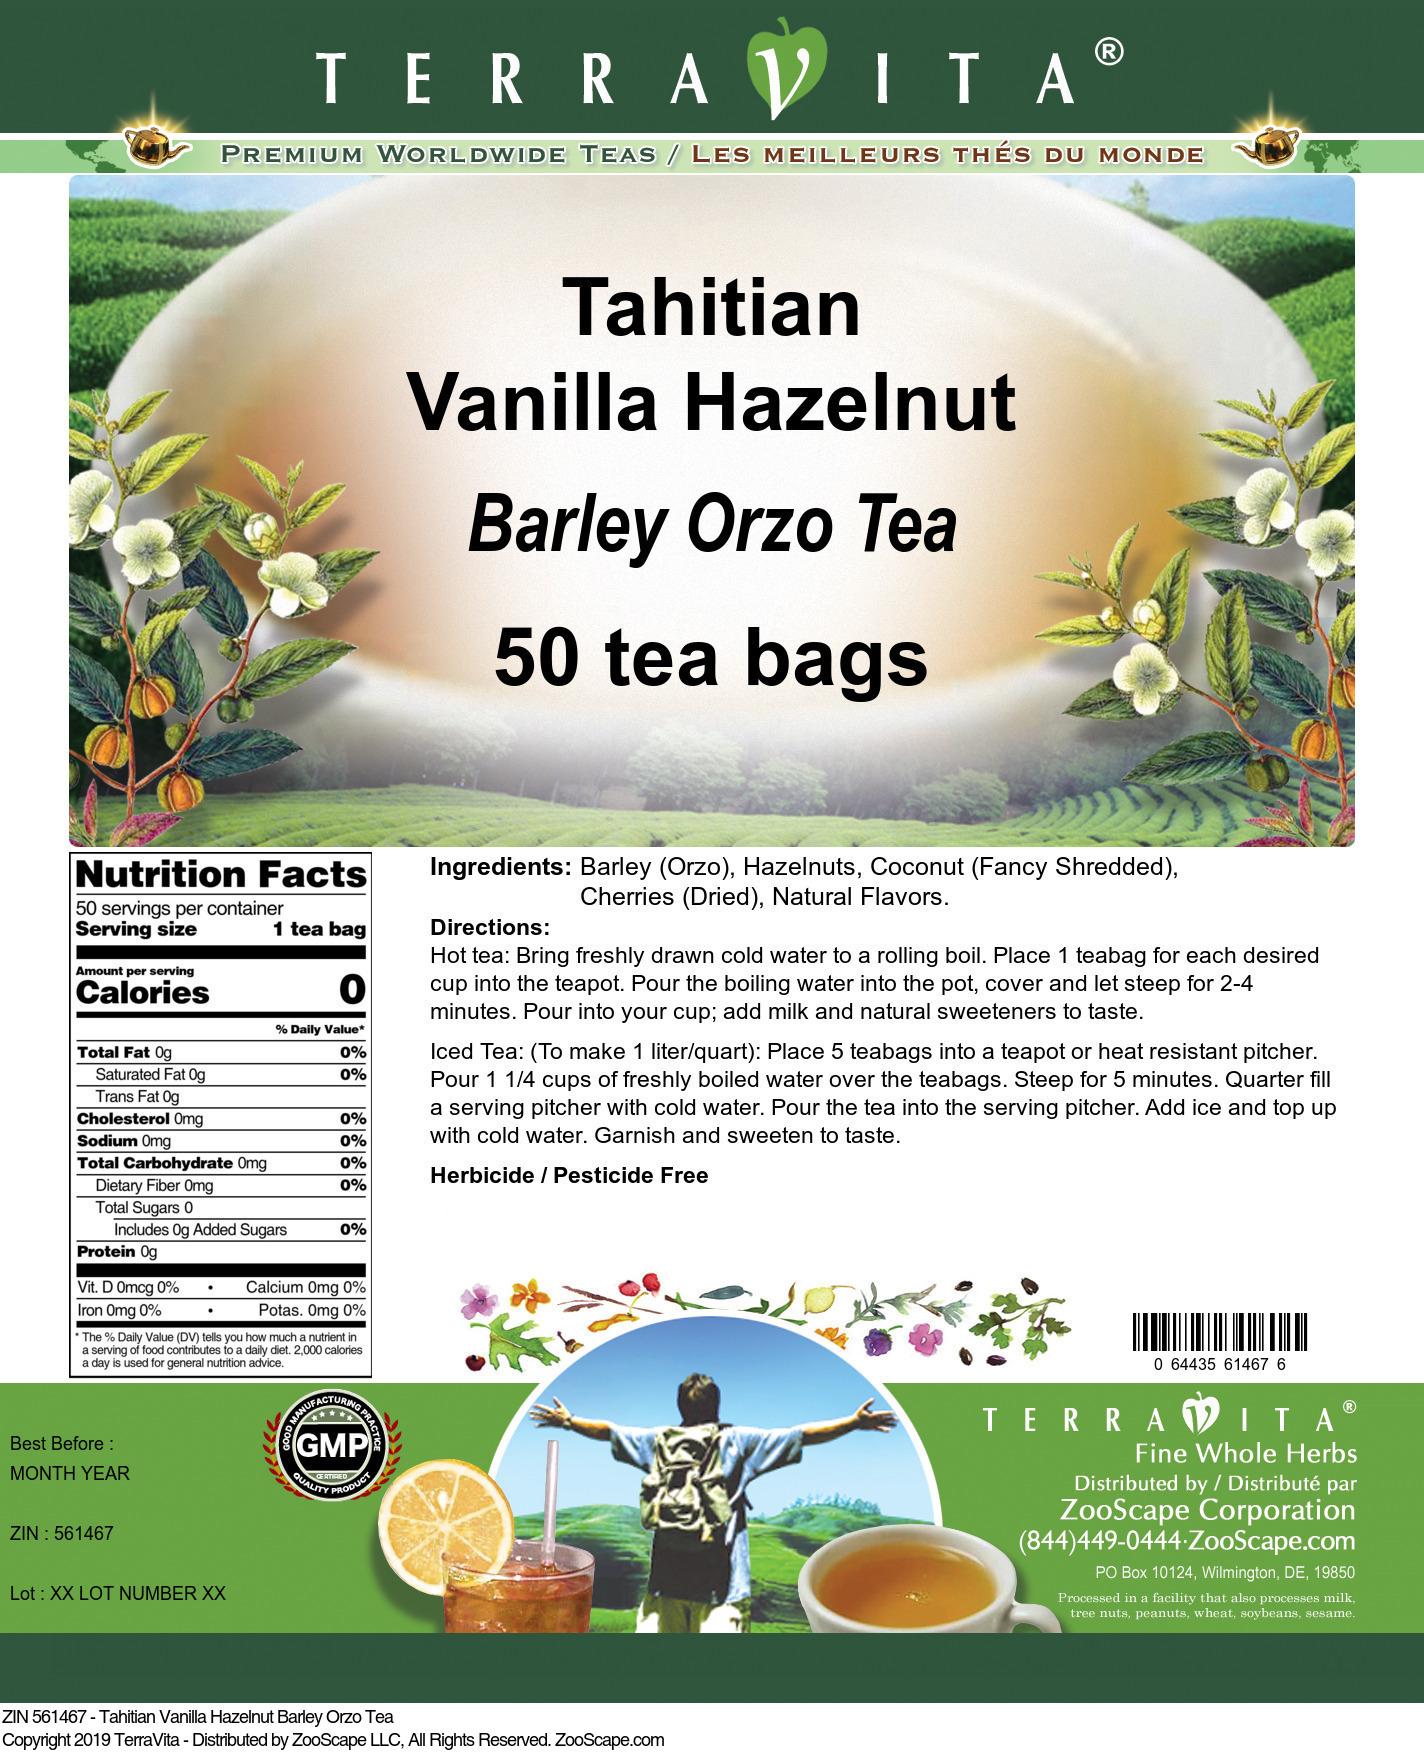 Tahitian Vanilla Hazelnut Barley Orzo